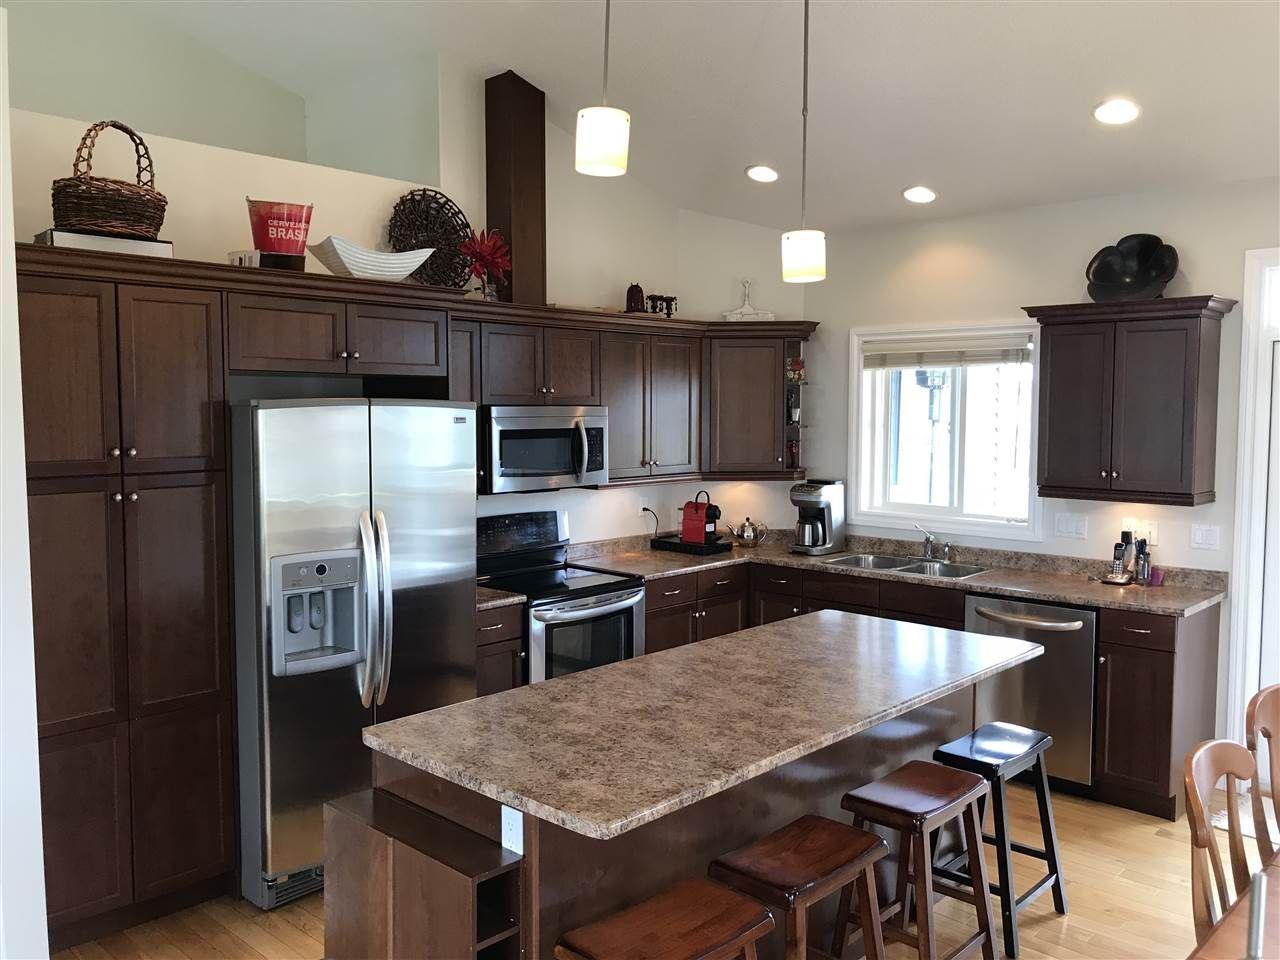 """Photo 2: Photos: 8803 111 Avenue in Fort St. John: Fort St. John - City NE House for sale in """"WHISPERING WINDS"""" (Fort St. John (Zone 60))  : MLS®# R2279272"""